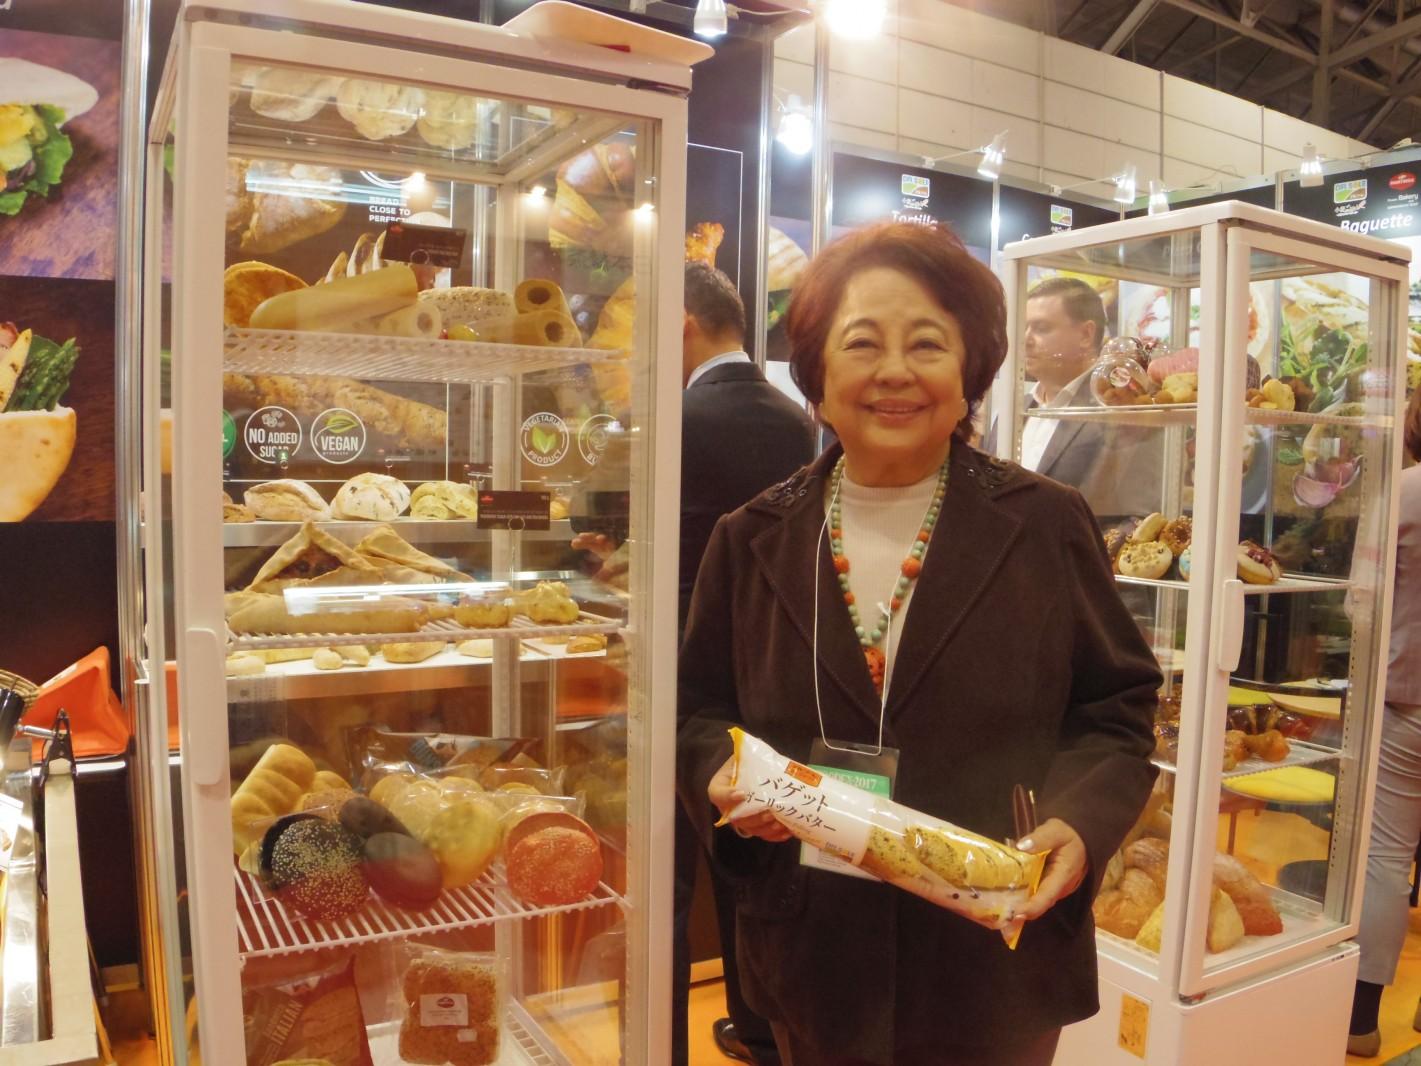 JCコムサ新提案、リトアニア・マンティンガ社の多彩な焼成済み冷凍パン